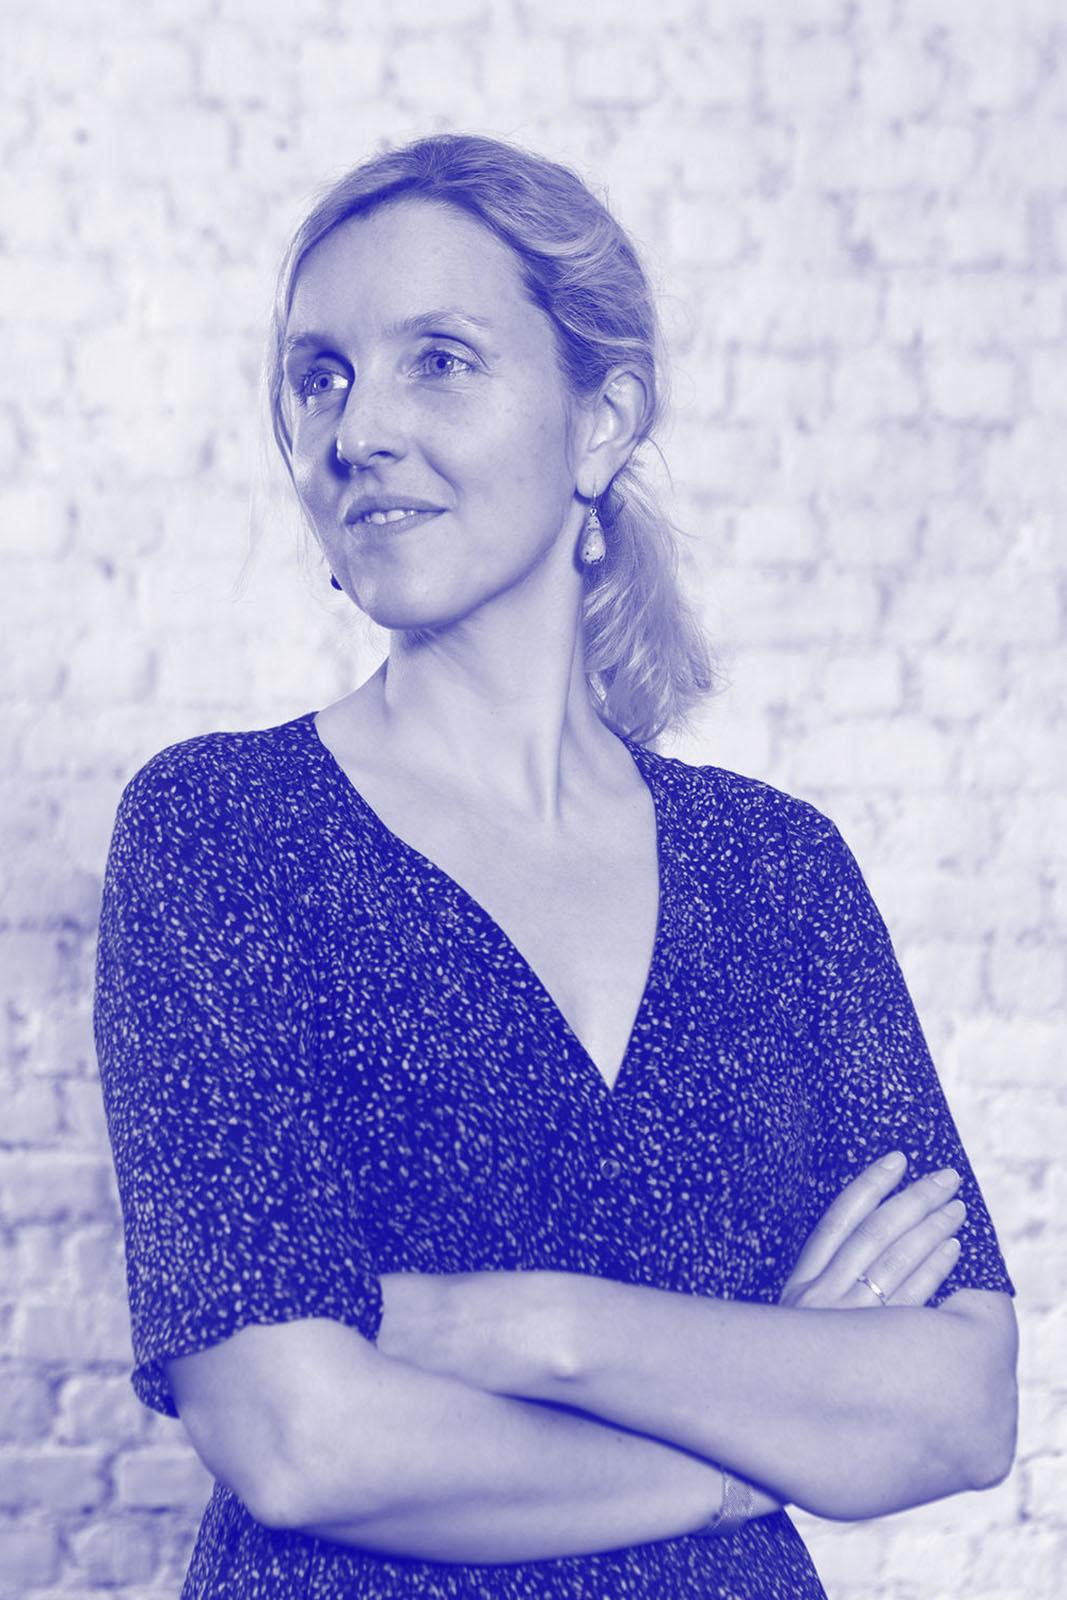 prof.-dr.-Catherine-Van-de-Heyning-Artes-blue